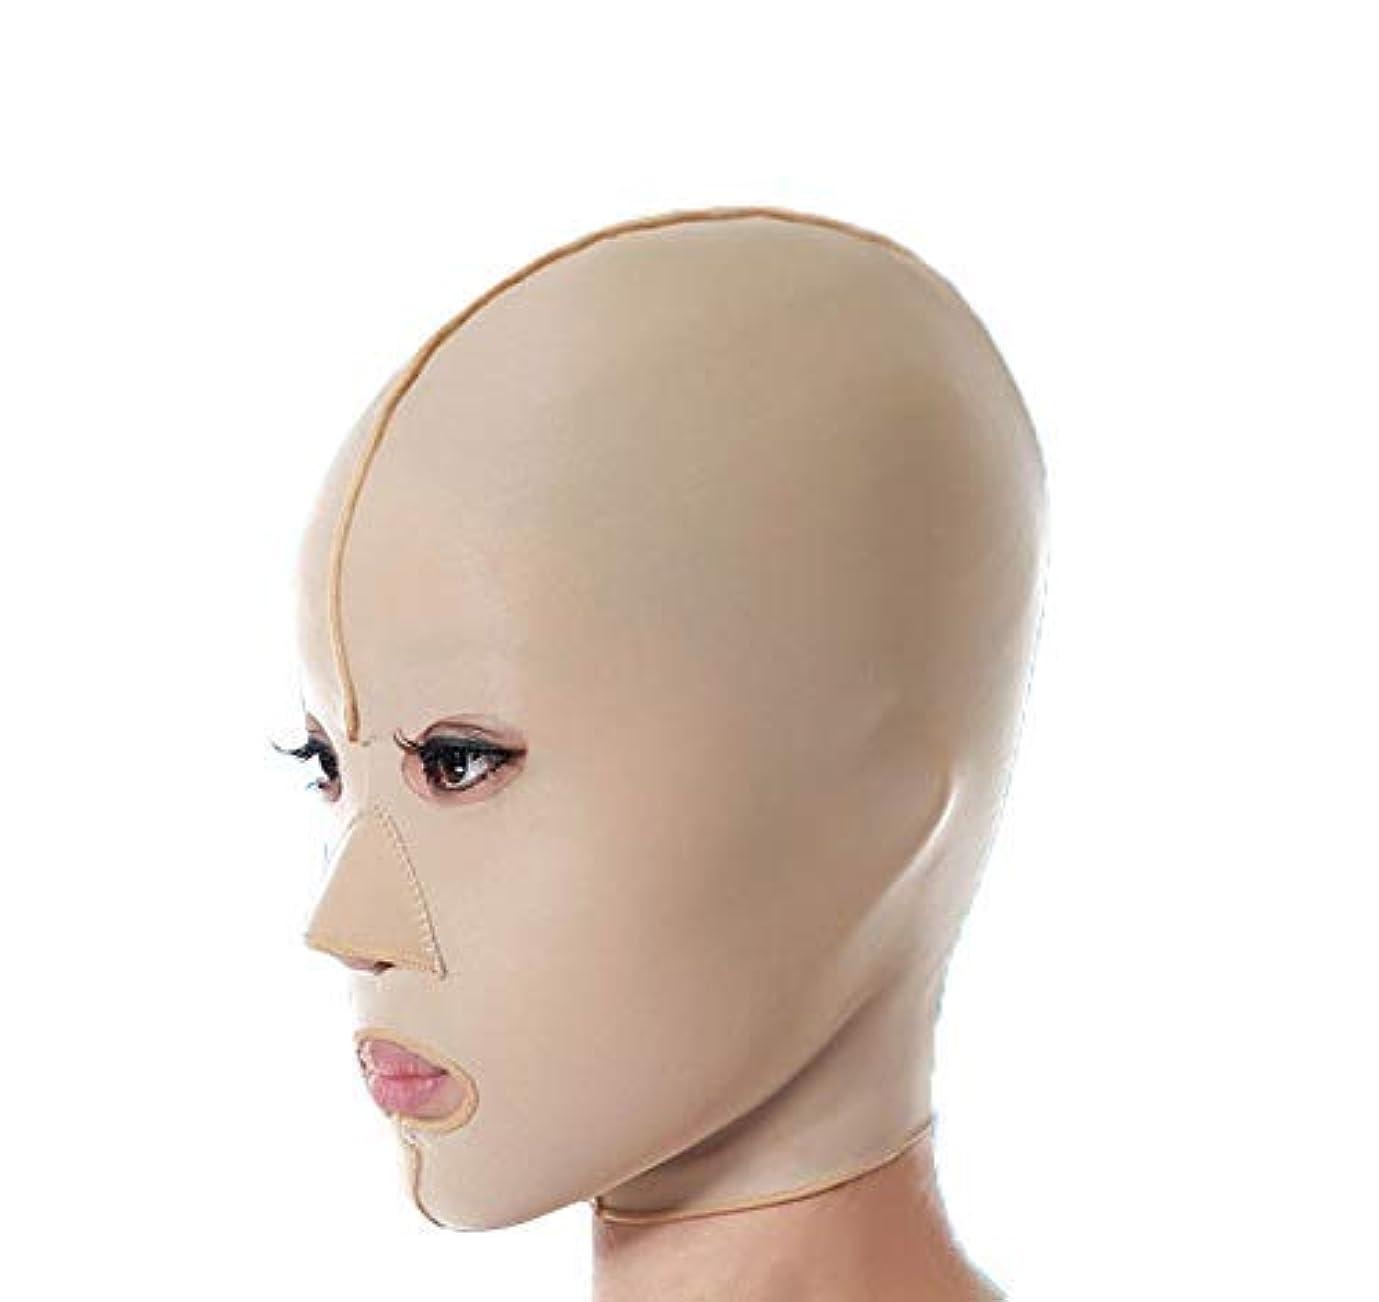 キャラクター強打取り消すファーミングフェイスマスク、フェイシャルマスク医学強力なフェイスマスクアーティファクト美容垂れ防止法パターンフェイシャルリフティングファーミングフルフェイスマスク(サイズ:M),M